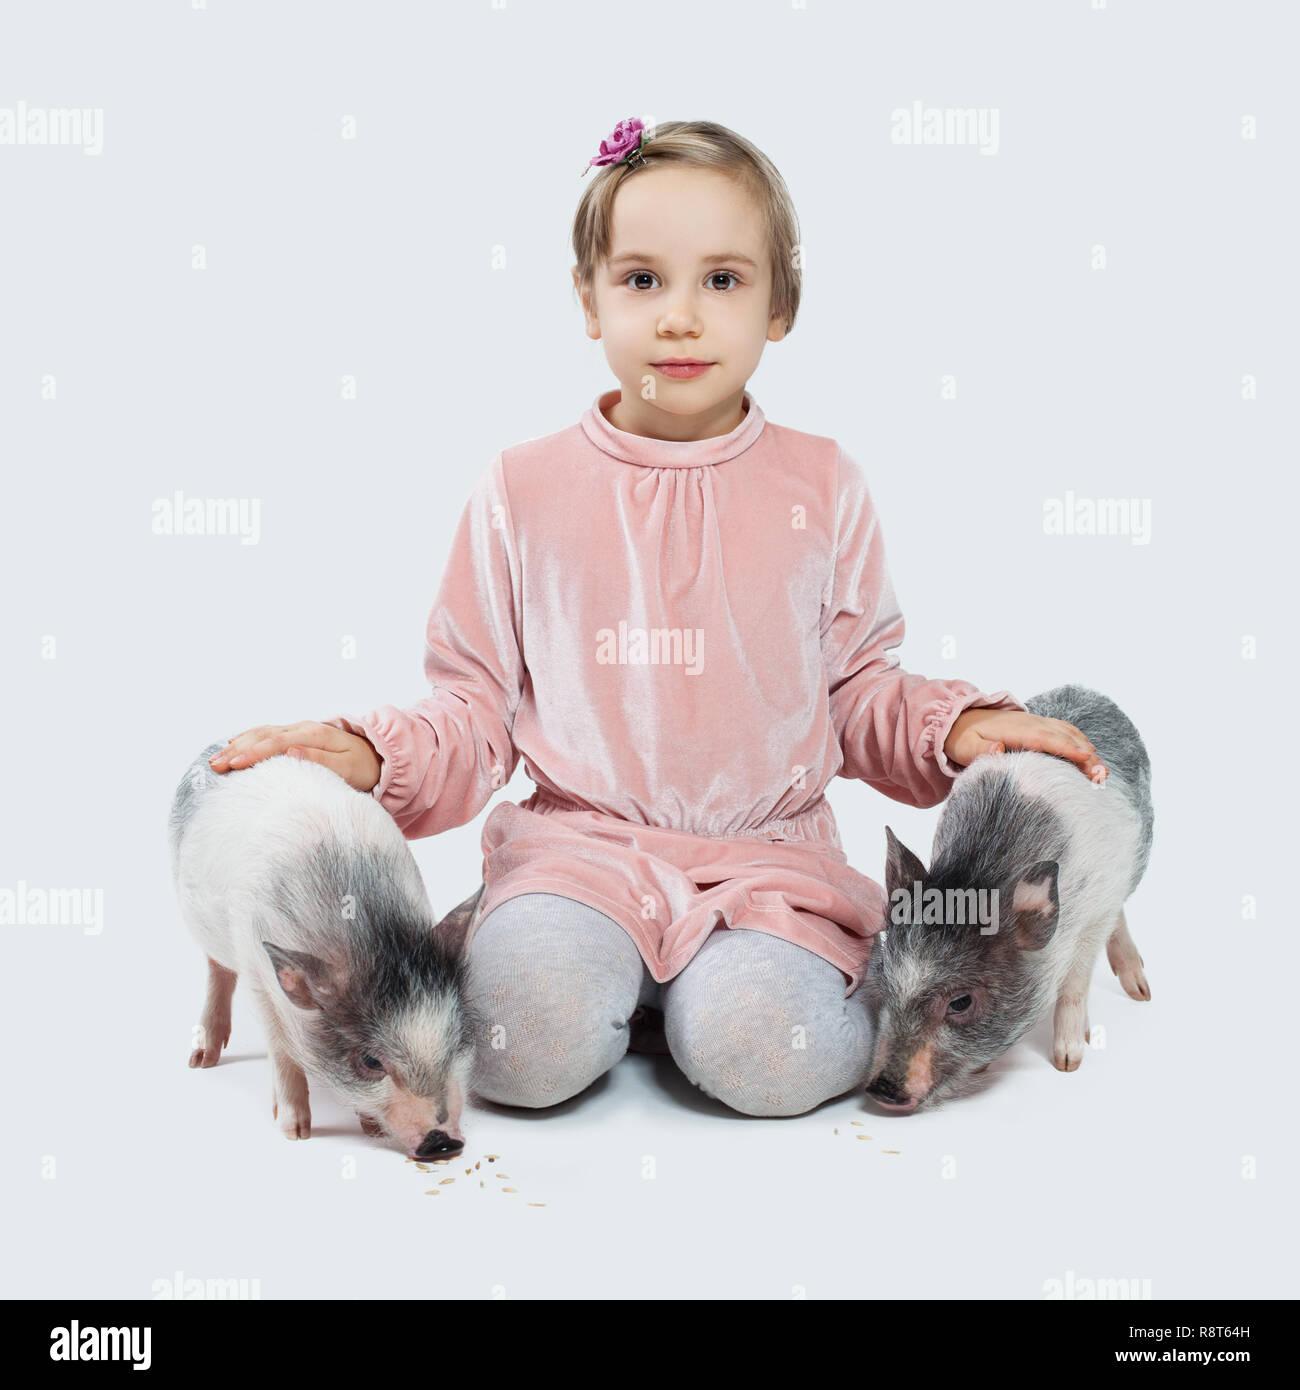 Frohliche Kleine Kind Madchen Und Schweine Kinder Und Haustiere